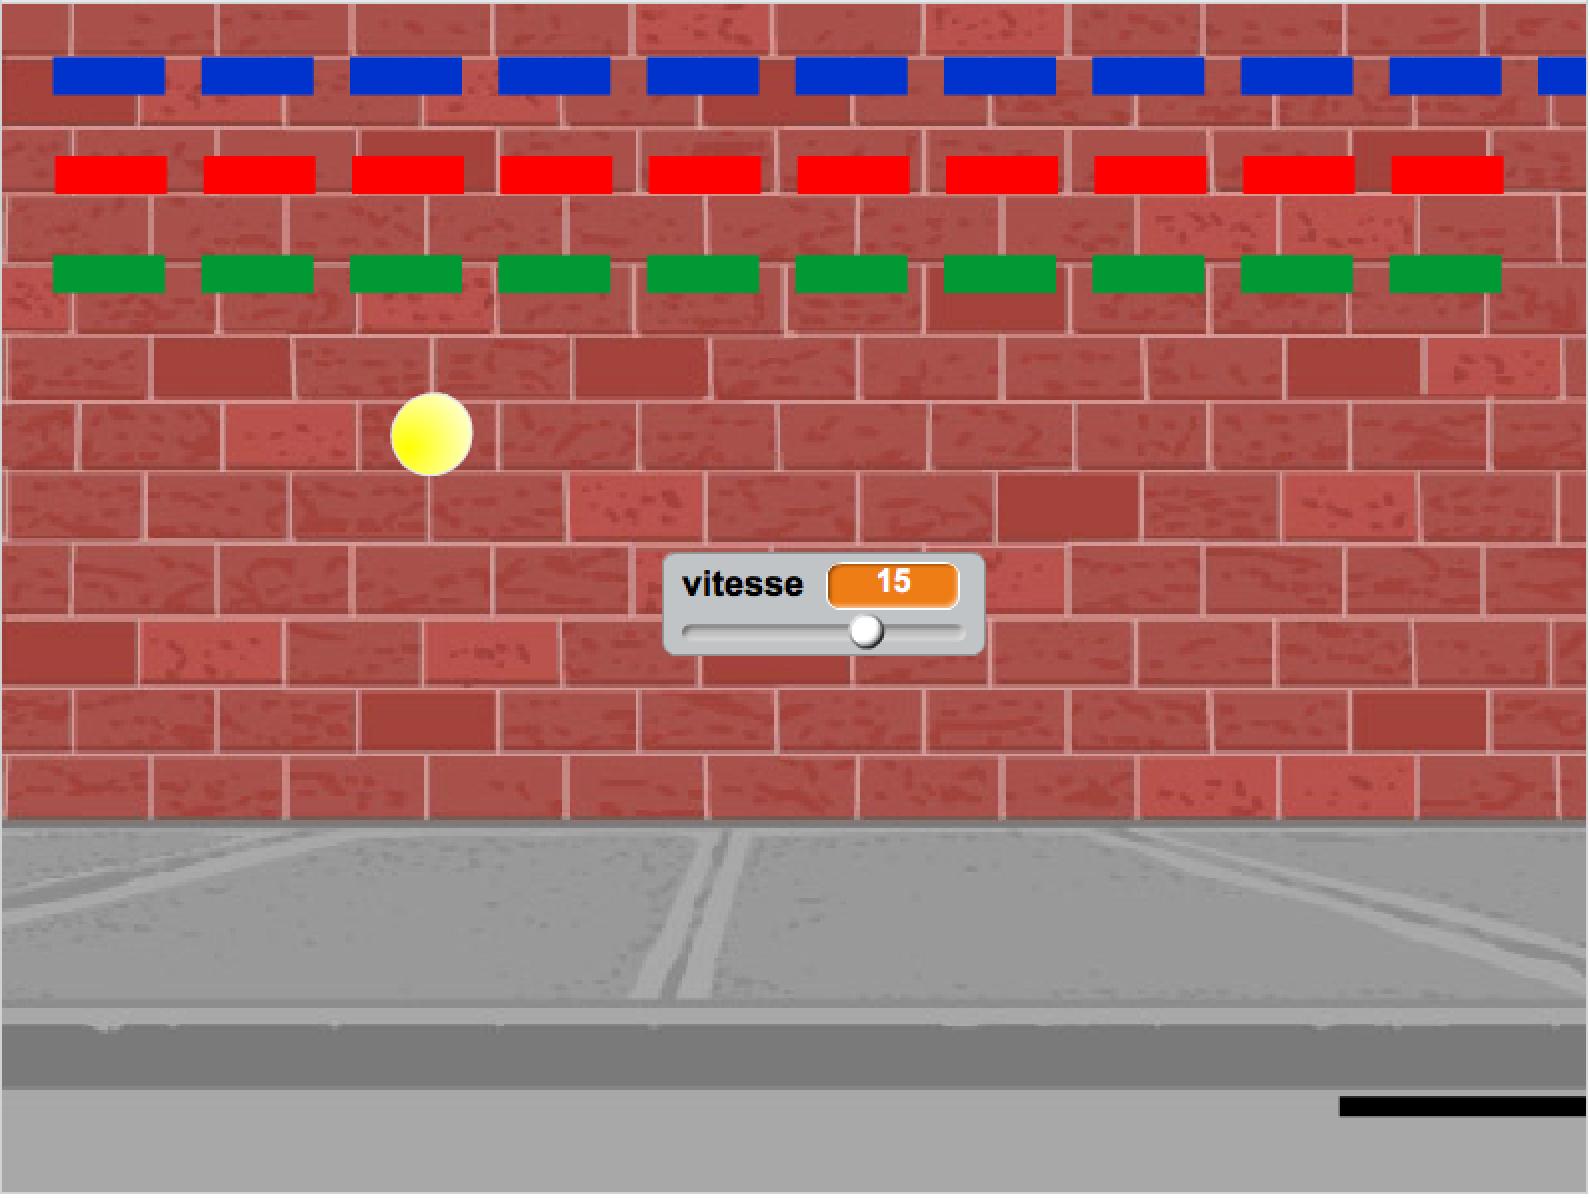 Casse Brique Scratch - Tech Kids Academy serapportantà Jeux De Casse Brique